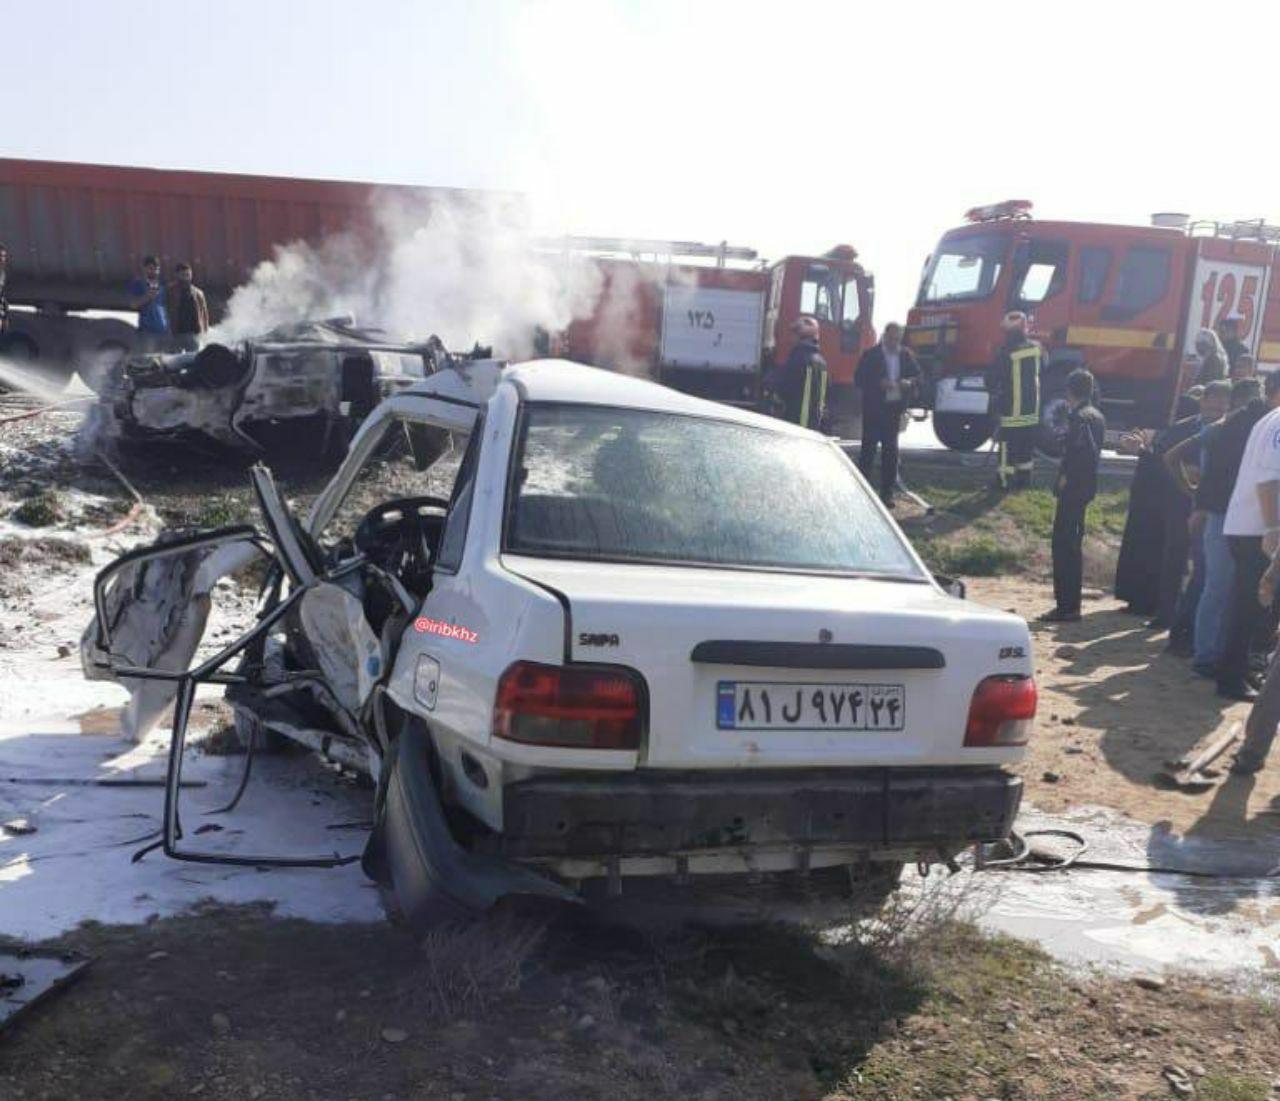 ۵ کشته در تصادف جاده ماهشهر خوزستان